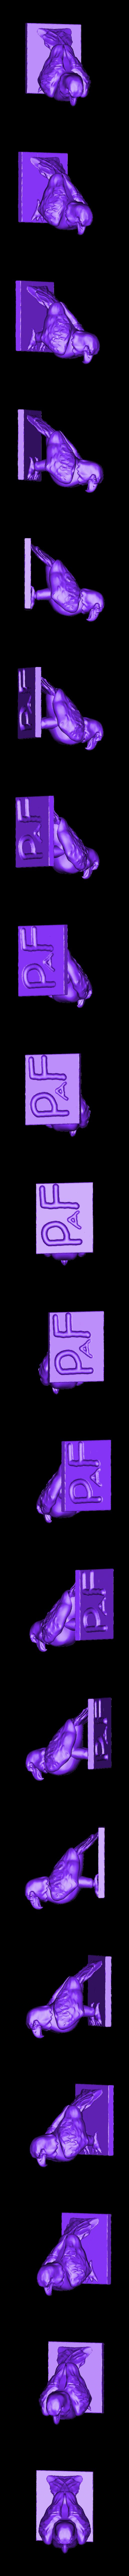 Bald_Eagle.obj Télécharger fichier OBJ gratuit Pygargue à tête blanche • Objet imprimable en 3D, Pza4Rza